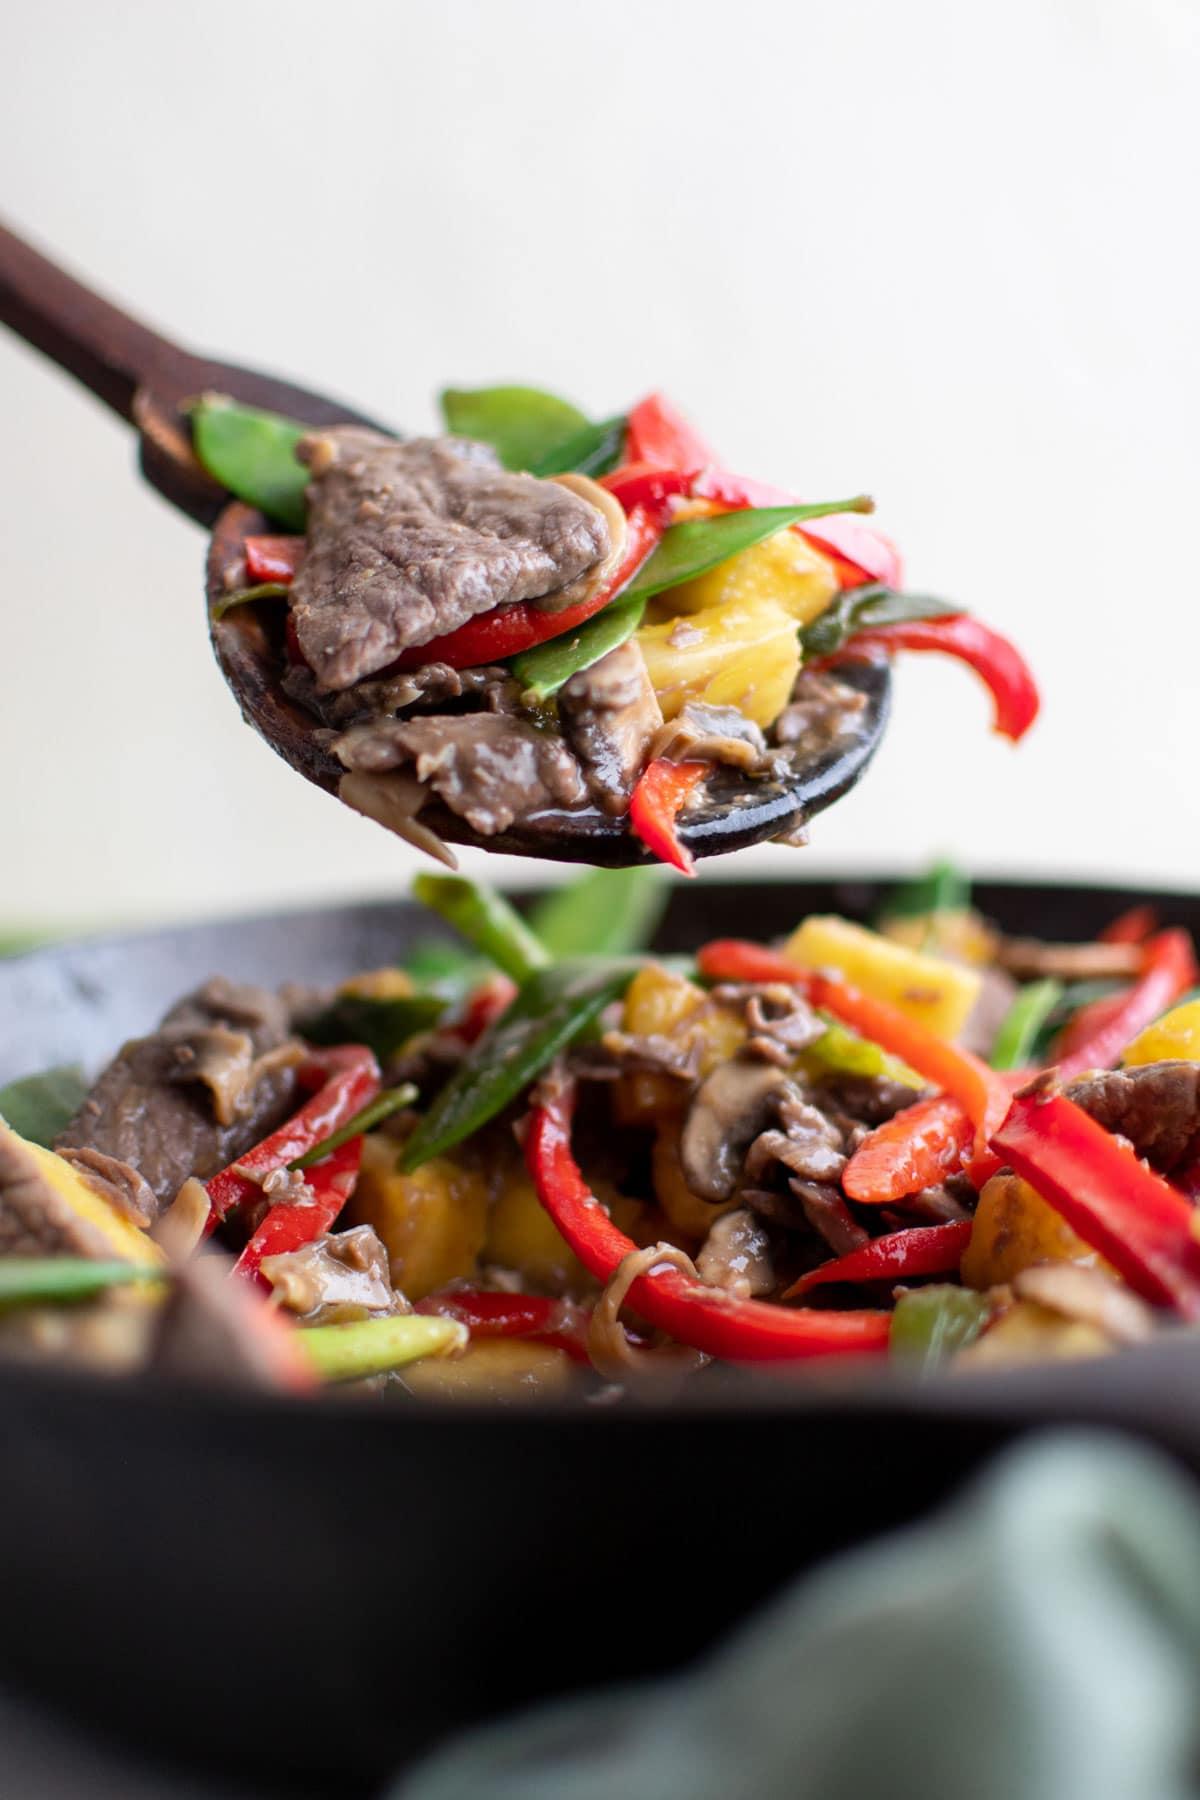 skillet with pineapple beef stir fry, wood spoon